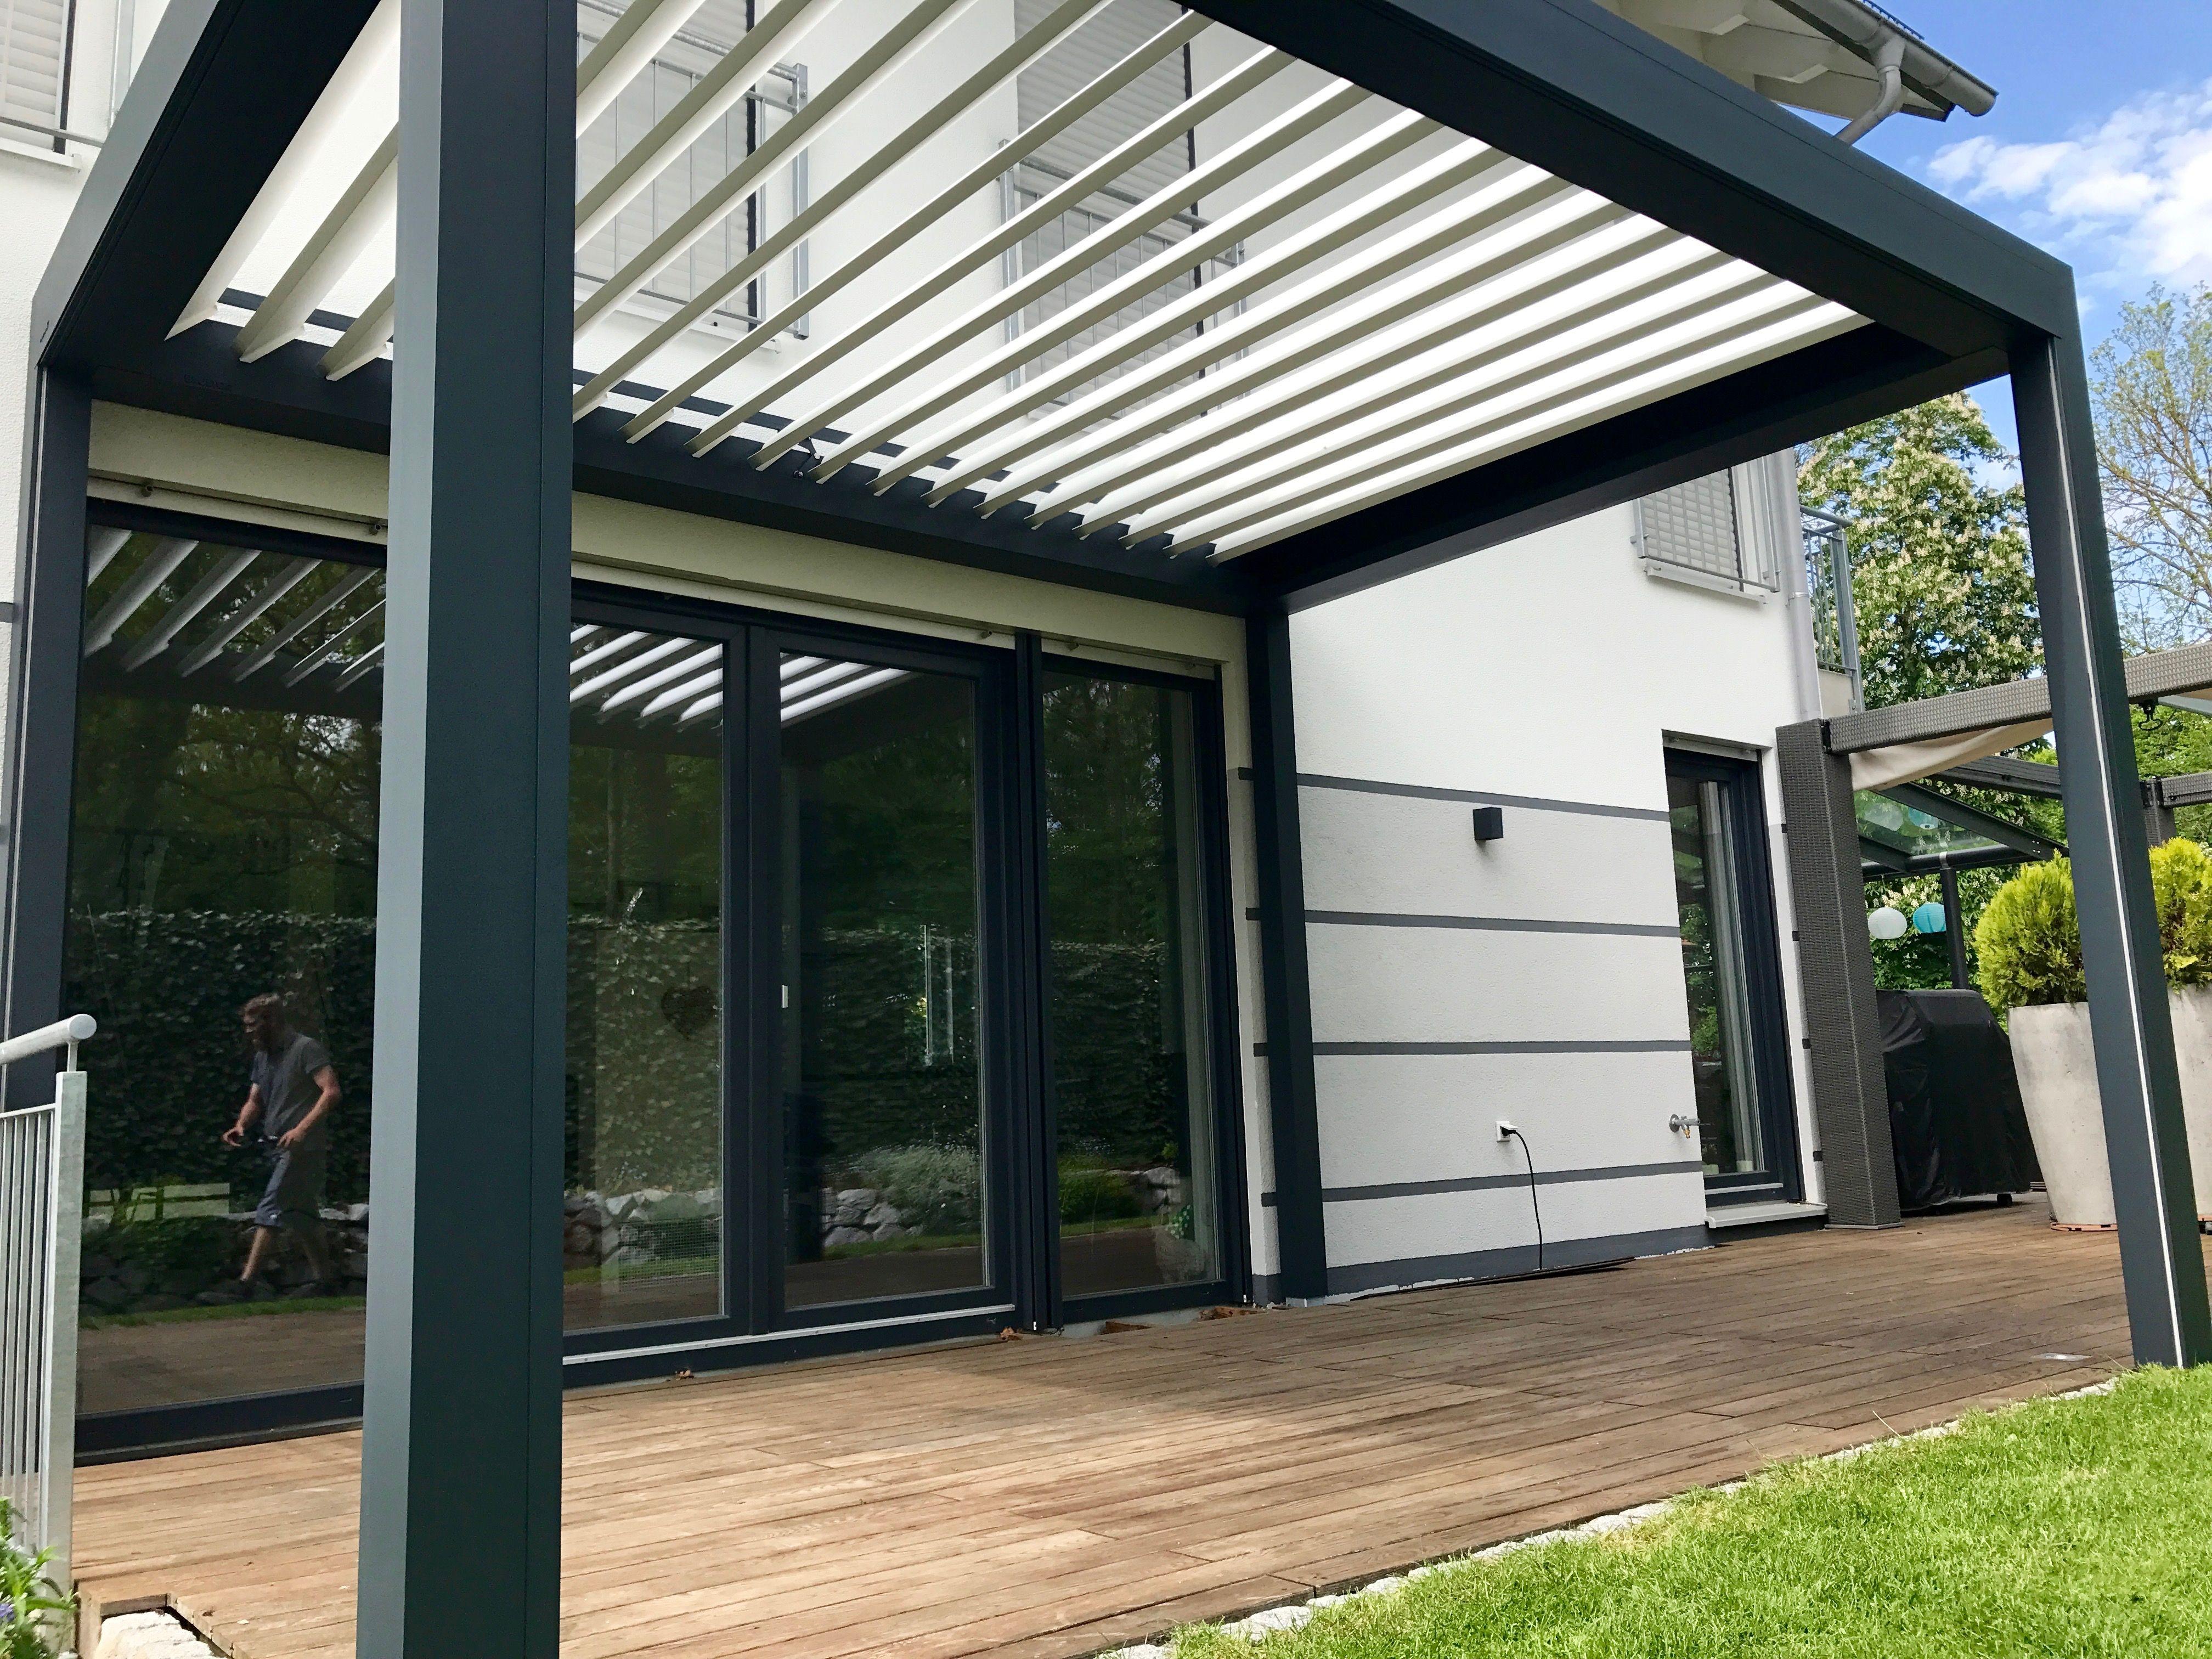 Lamellendach Einfach Optimaler Sonnen Und Wetterschutz Mit Der